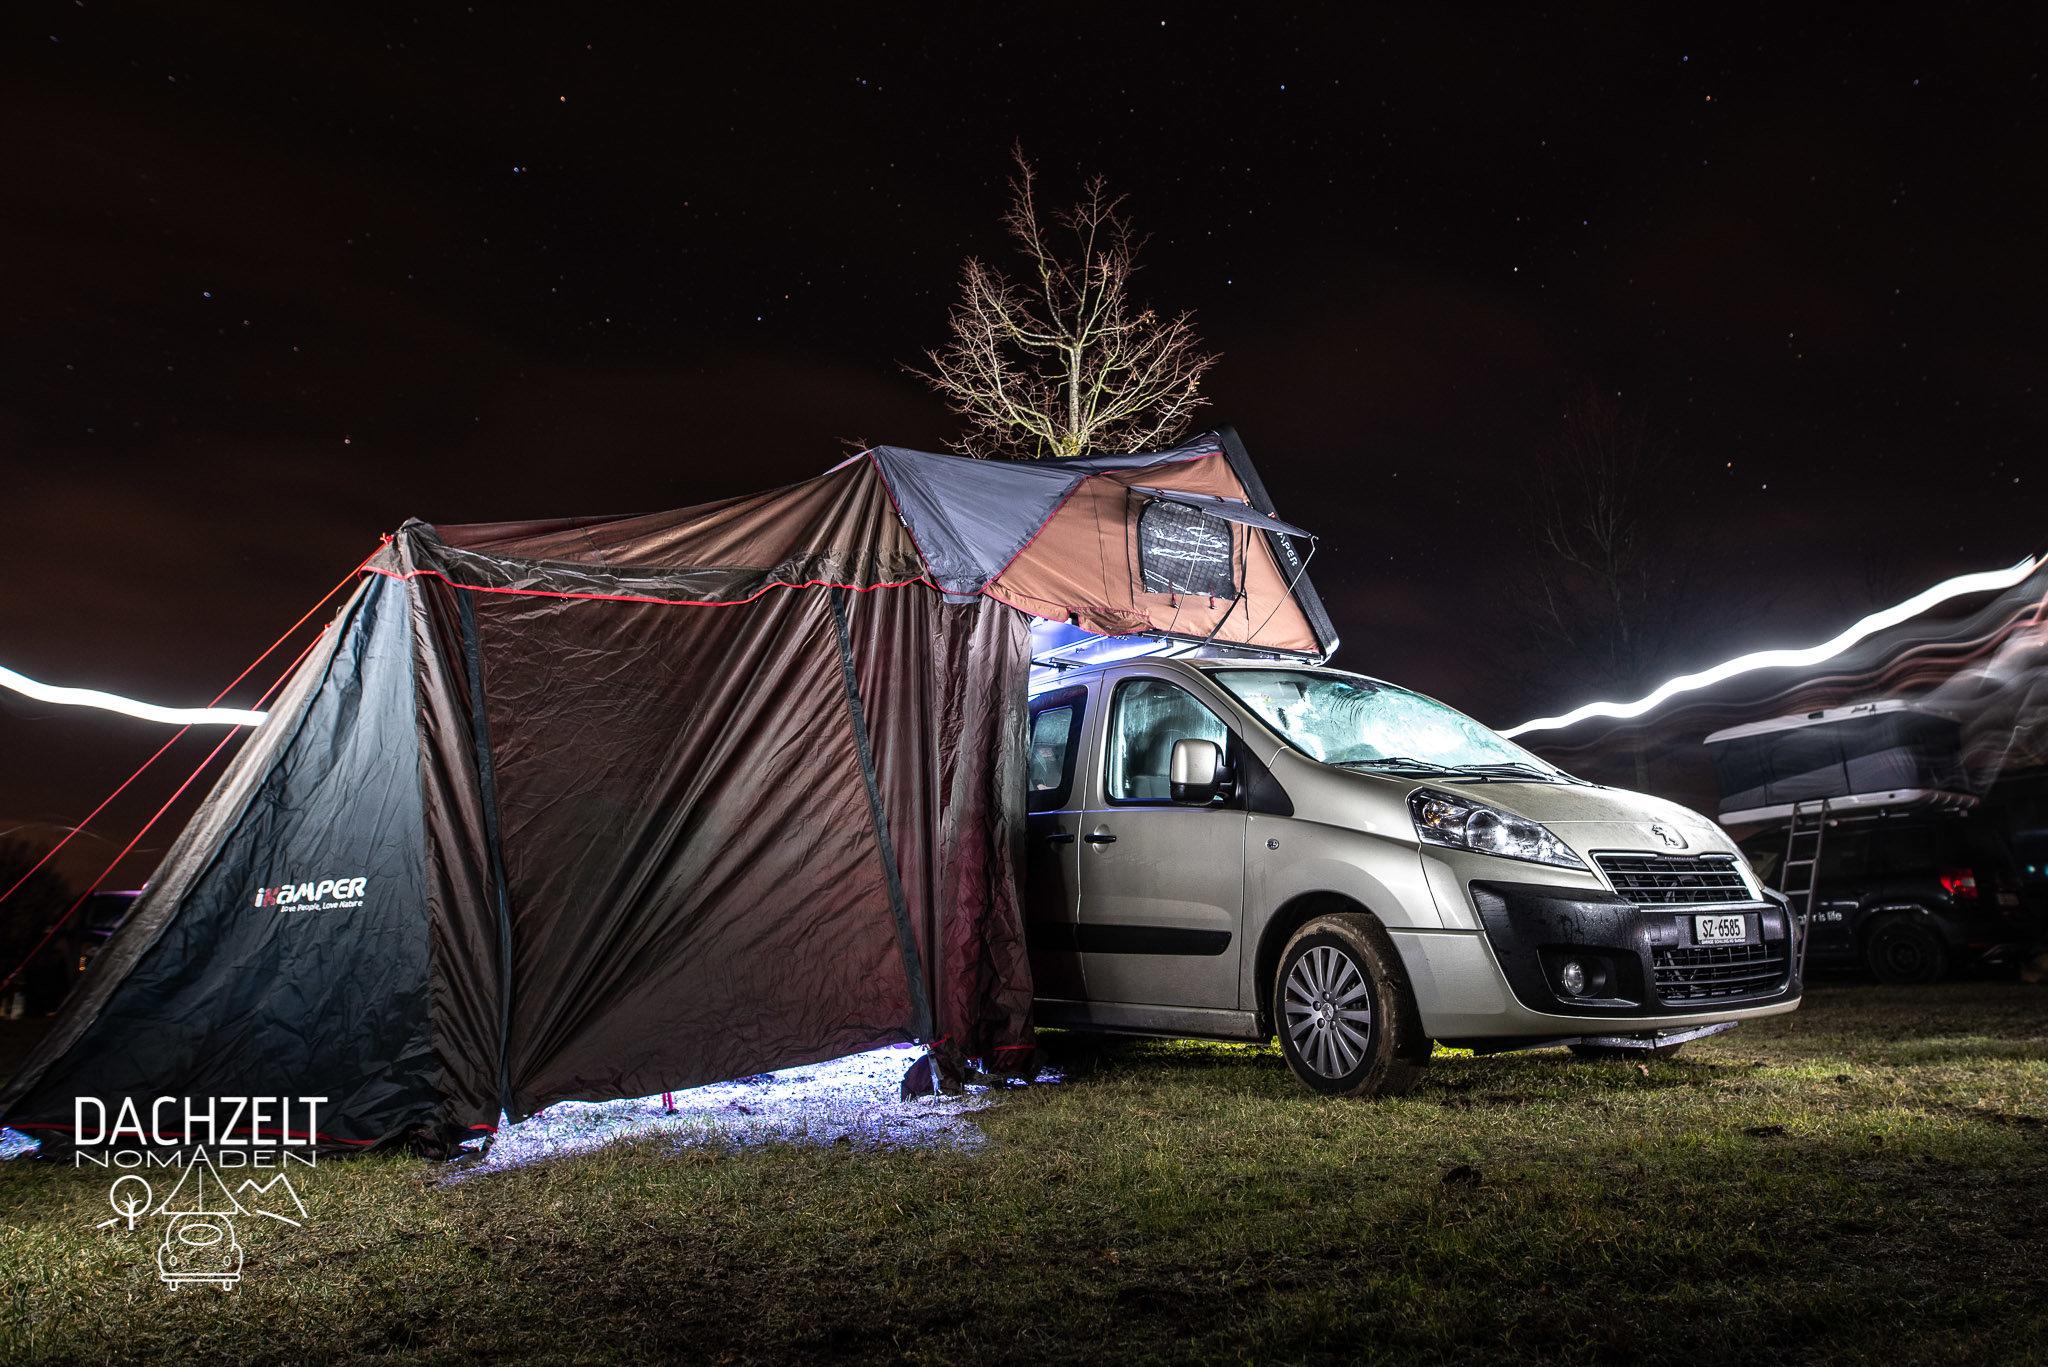 20191231-DACHZELT-SILVESTER-CAMP-Maik-Richter--351-Camp